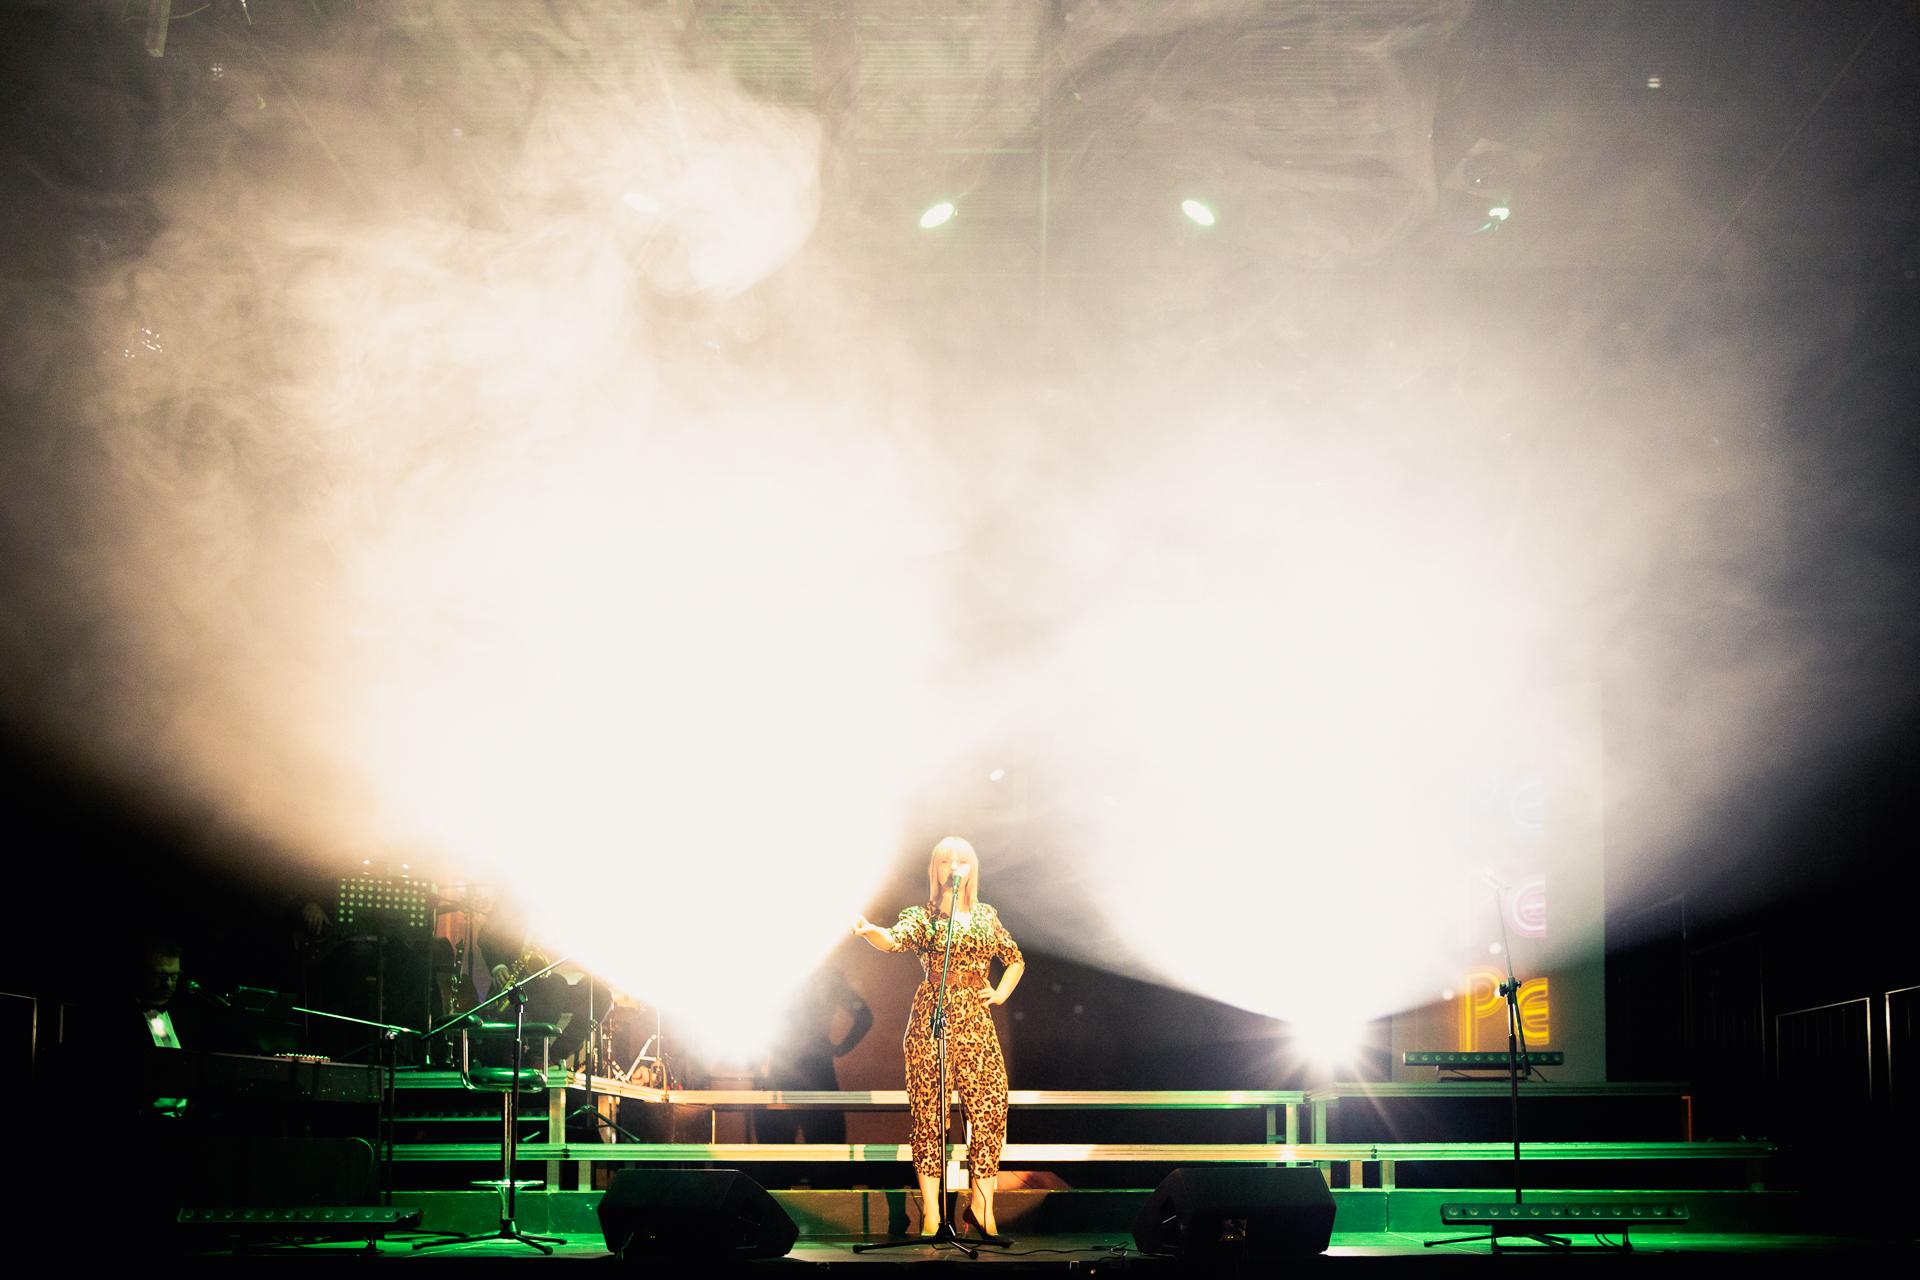 Aktorka stojąca na scenie w świetle reflektorów